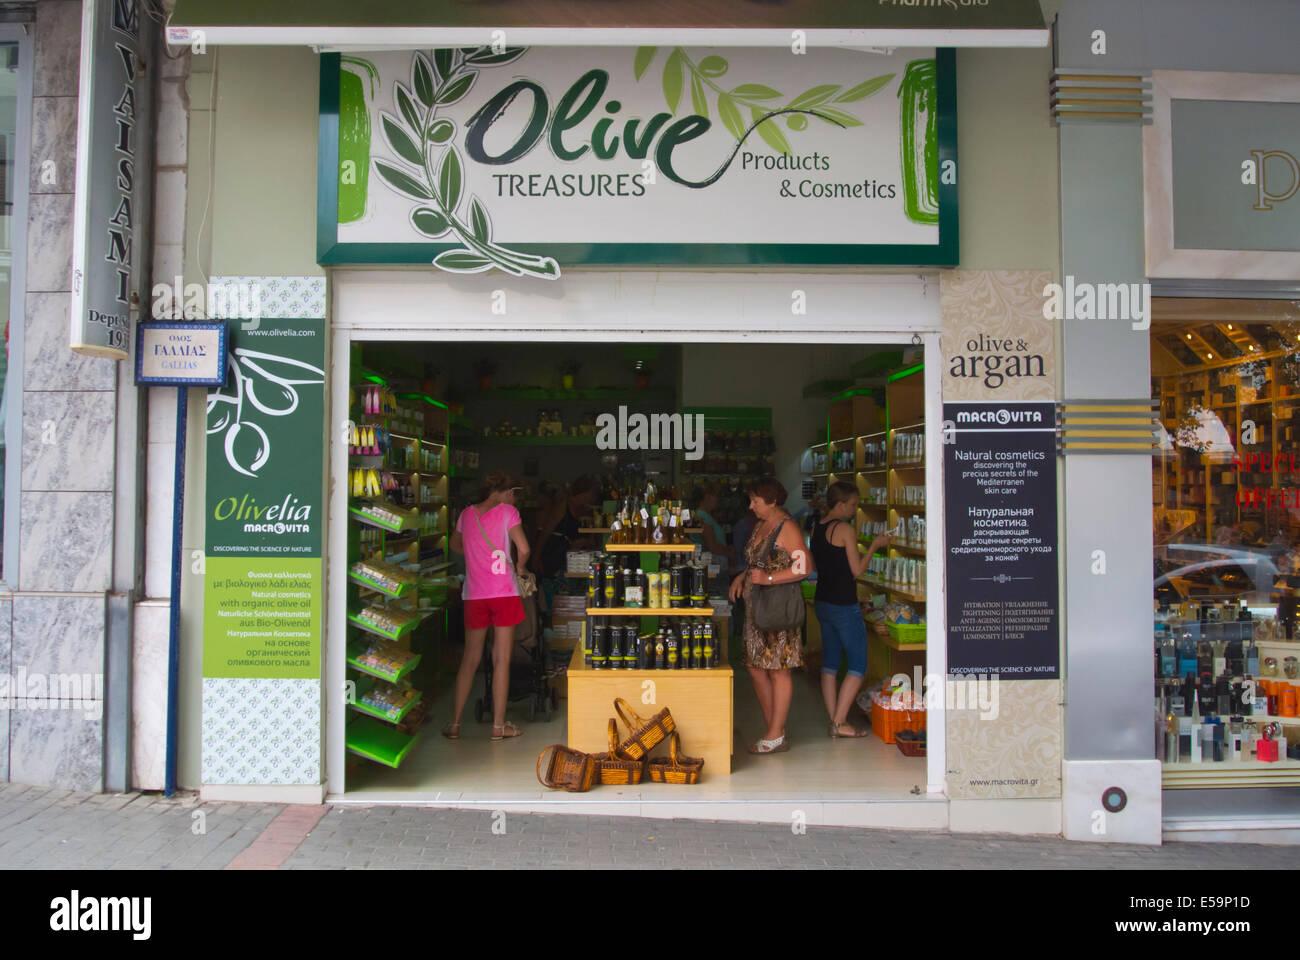 Greek Shop Oil Shop Stock Photos & Greek Shop Oil Shop Stock Images